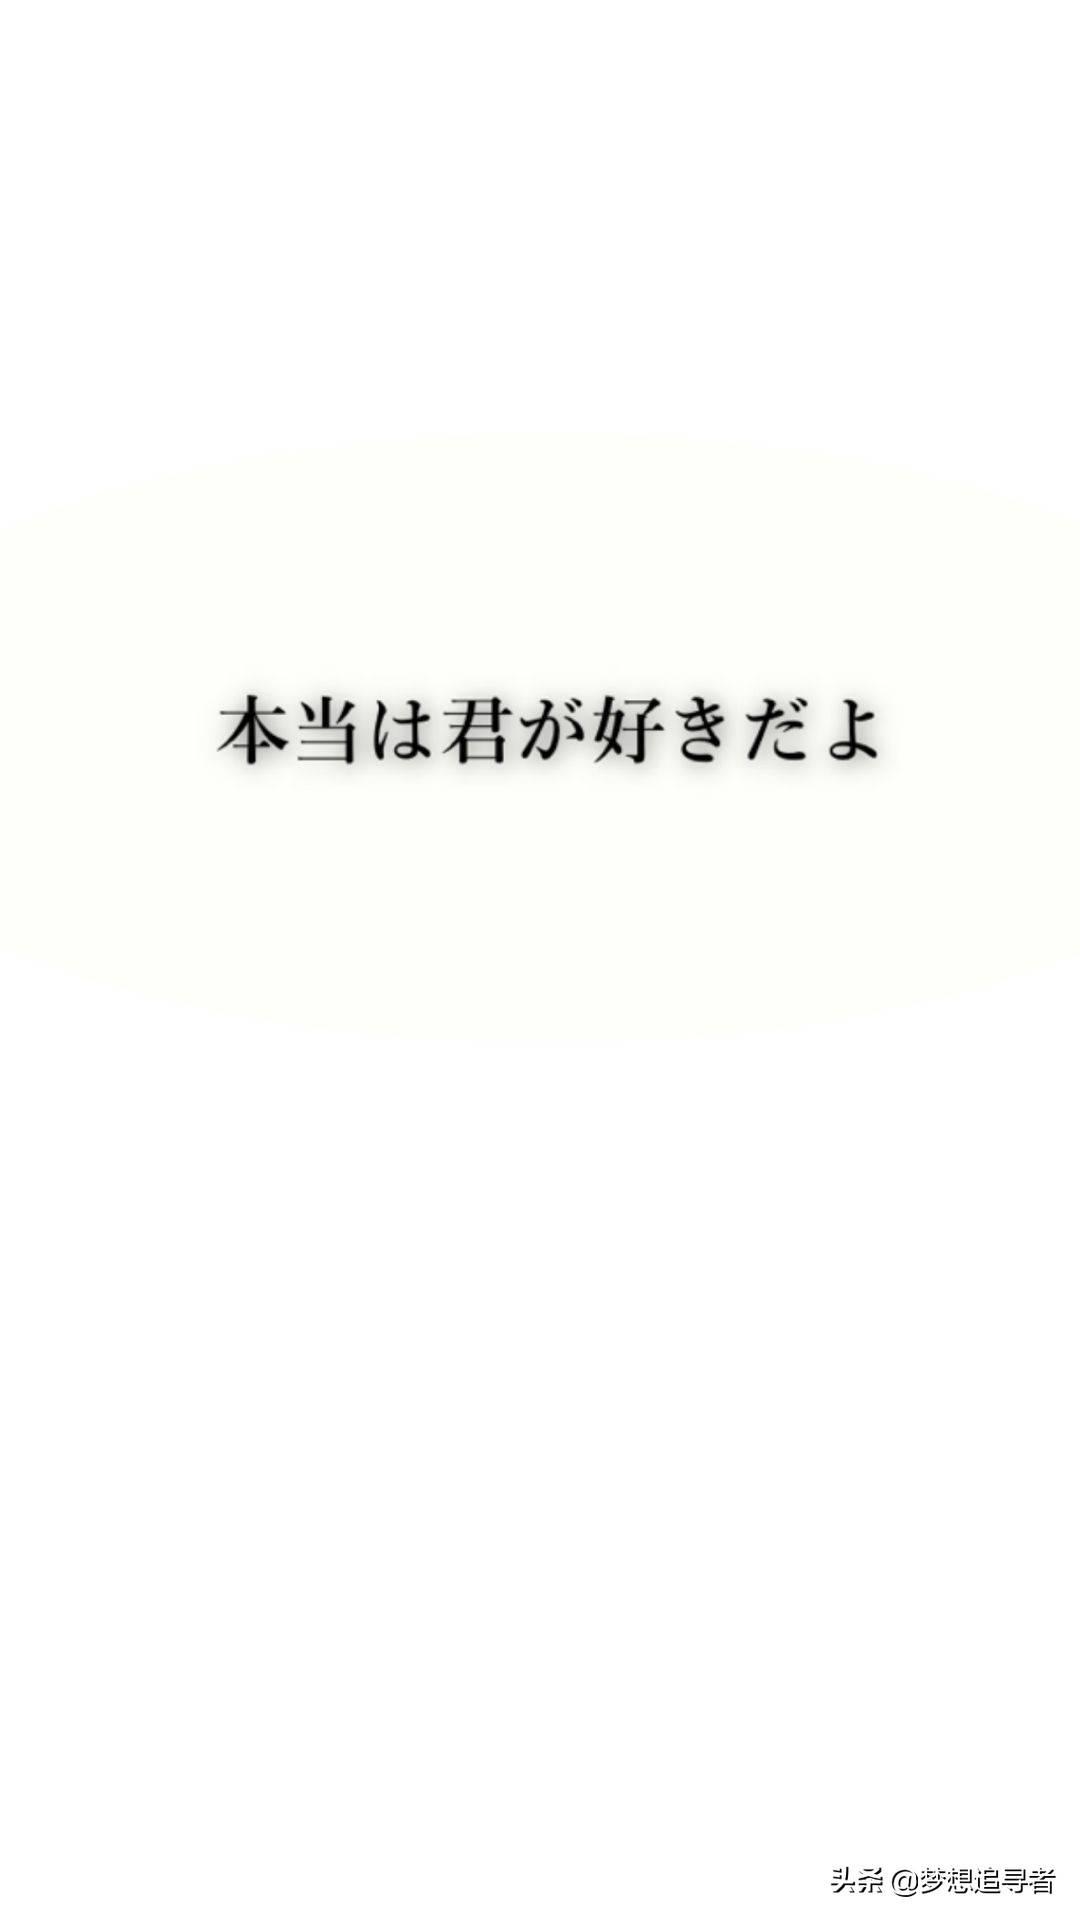 白色底图纯白图片(纯白背景图片素材大全) 网络快讯 第1张